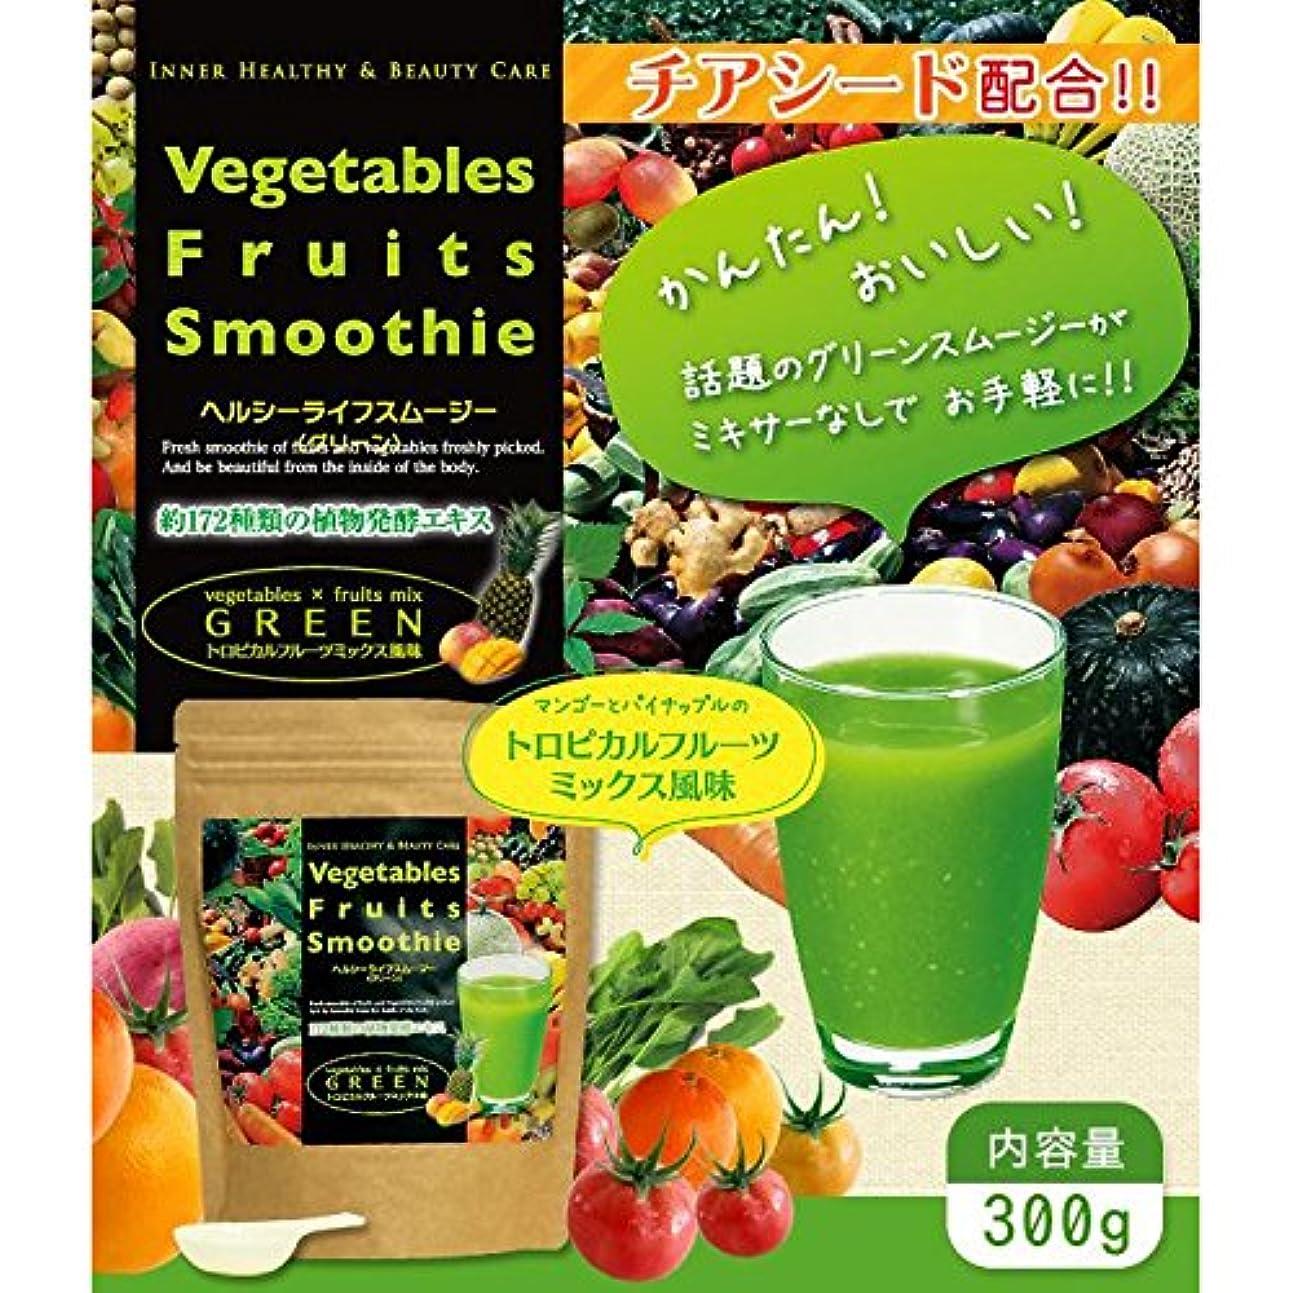 深める昇るハチVegetables Fruits Smoothie ヘルシーライフスムージー(グリーン)トロピカルフルーツミックス味 300g 日本製